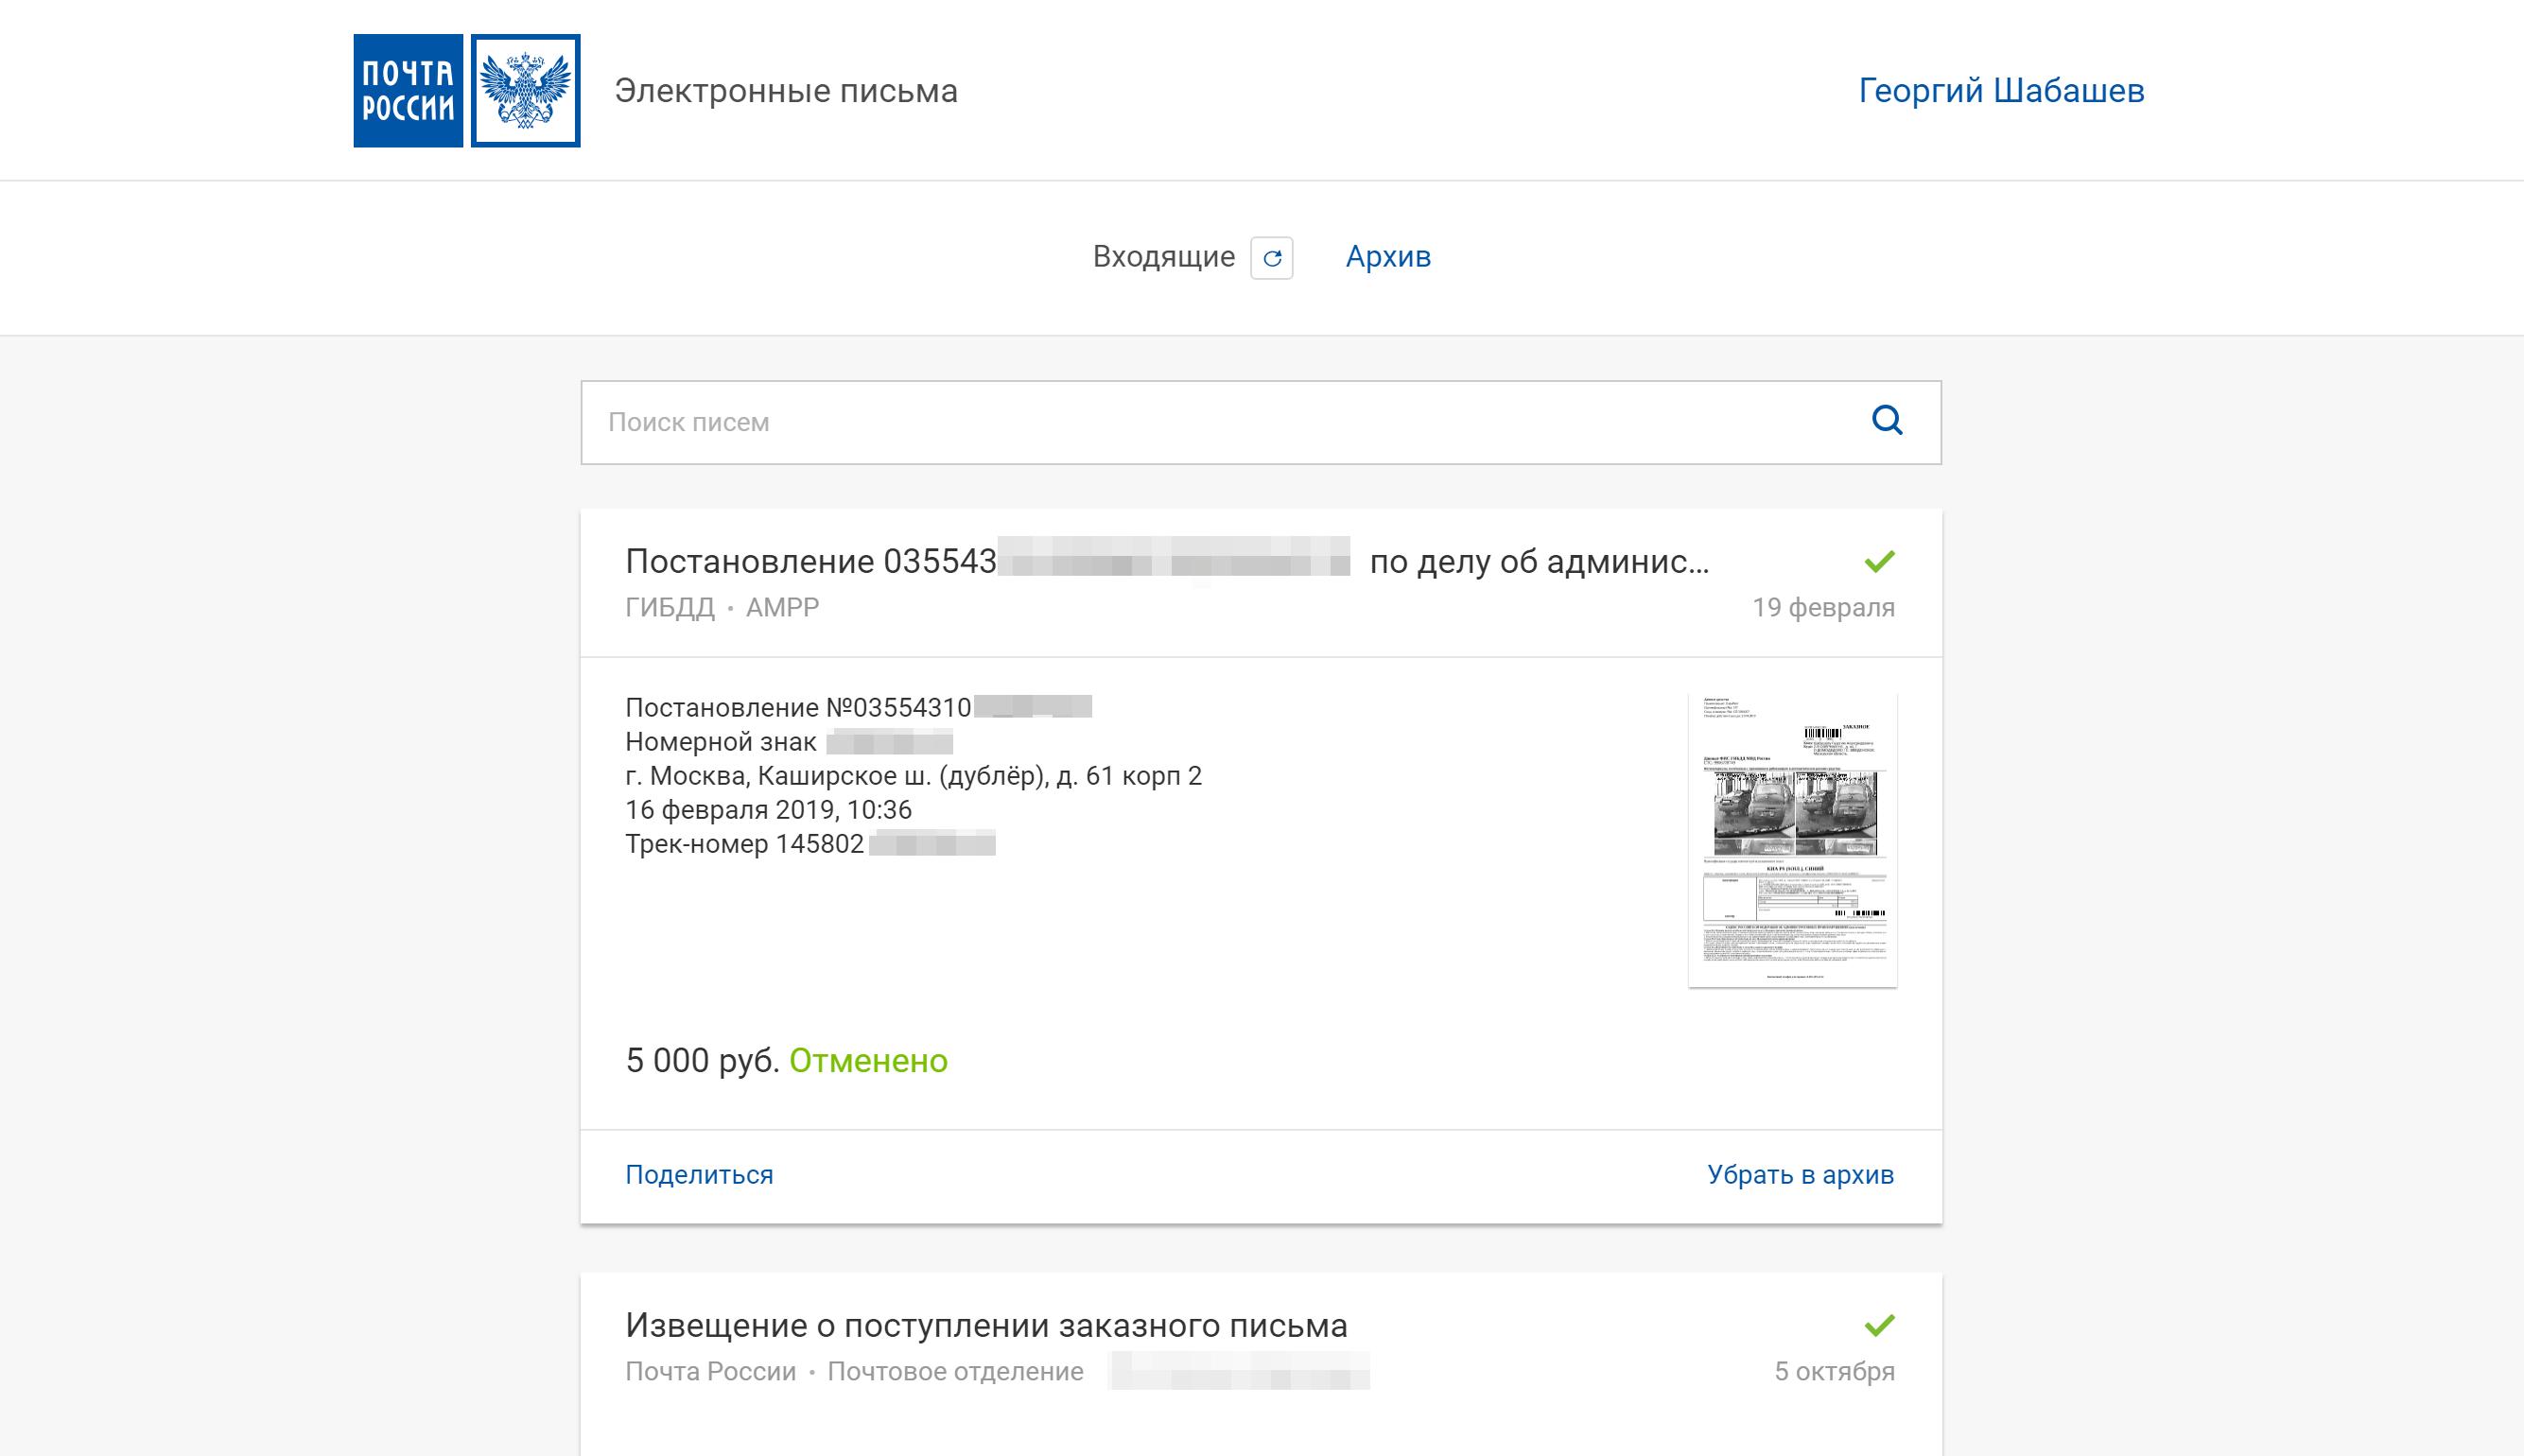 Личный кабинет сервиса zakaznoe.pochta.ru: штраф отменили